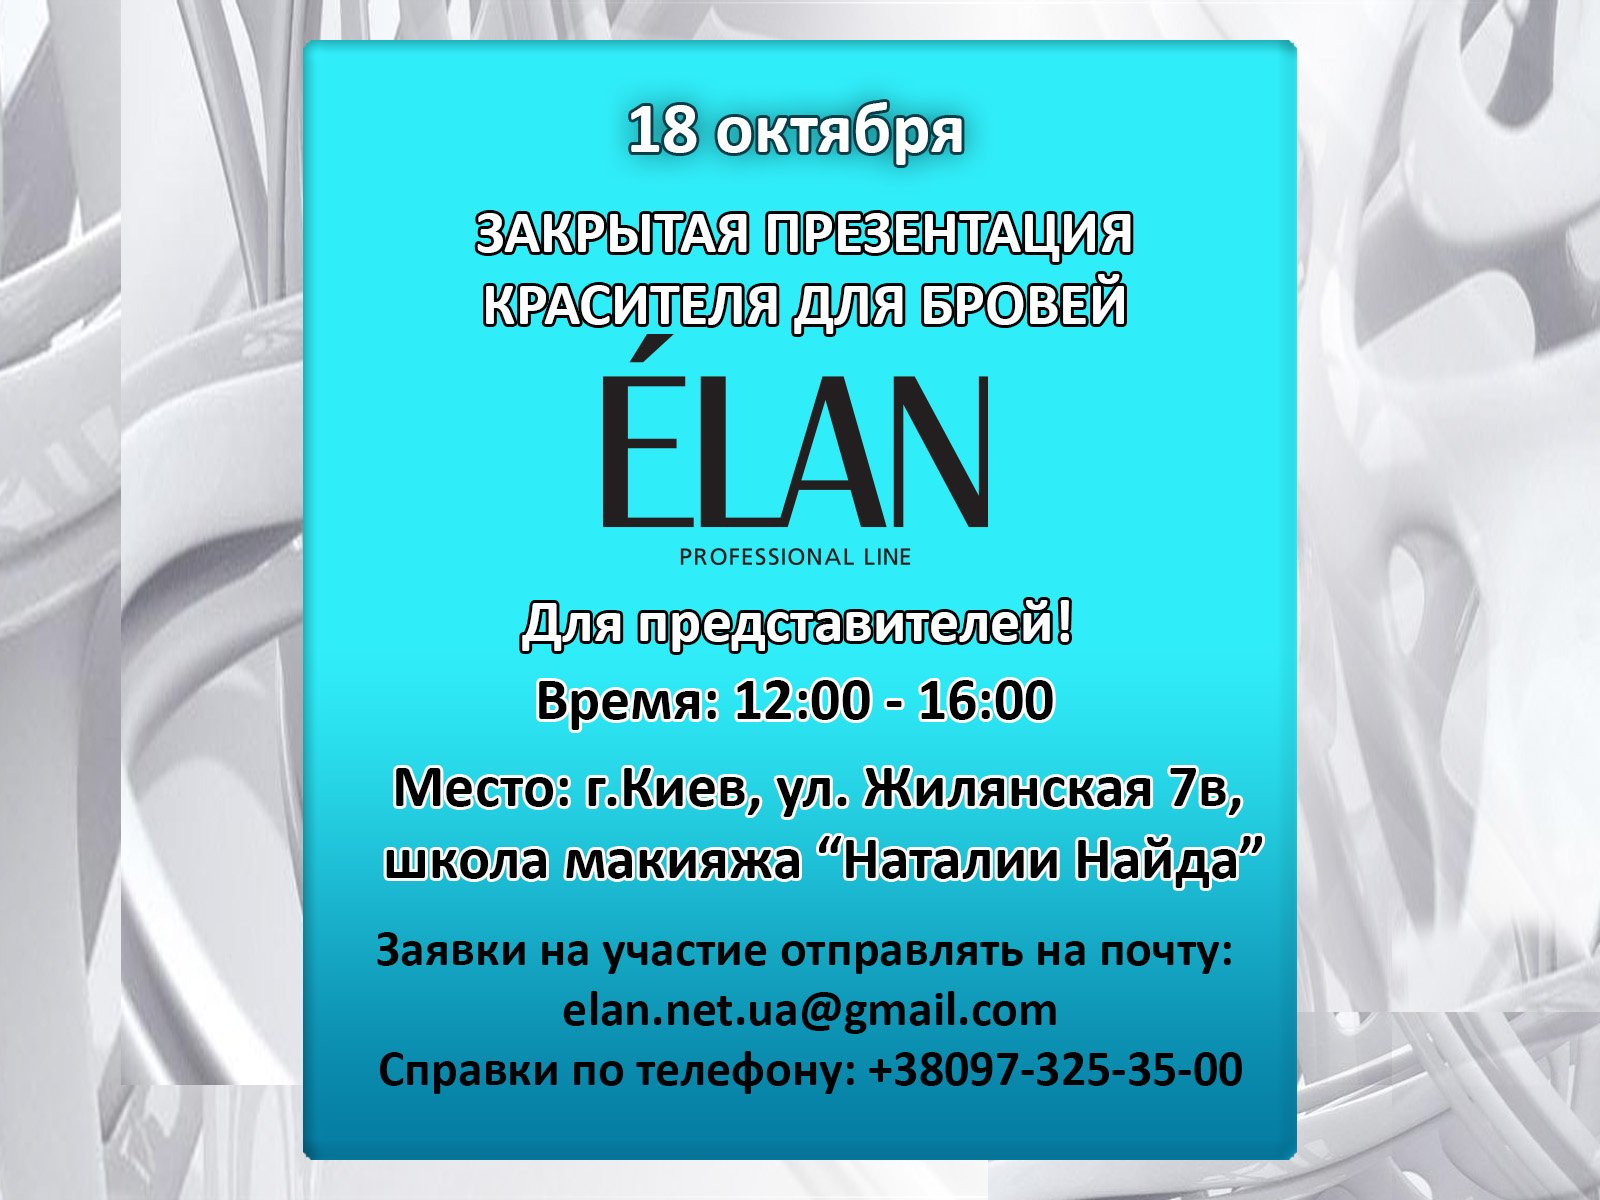 18.10 — Закрытая презентация красителя для бровей «ELAN professional line»